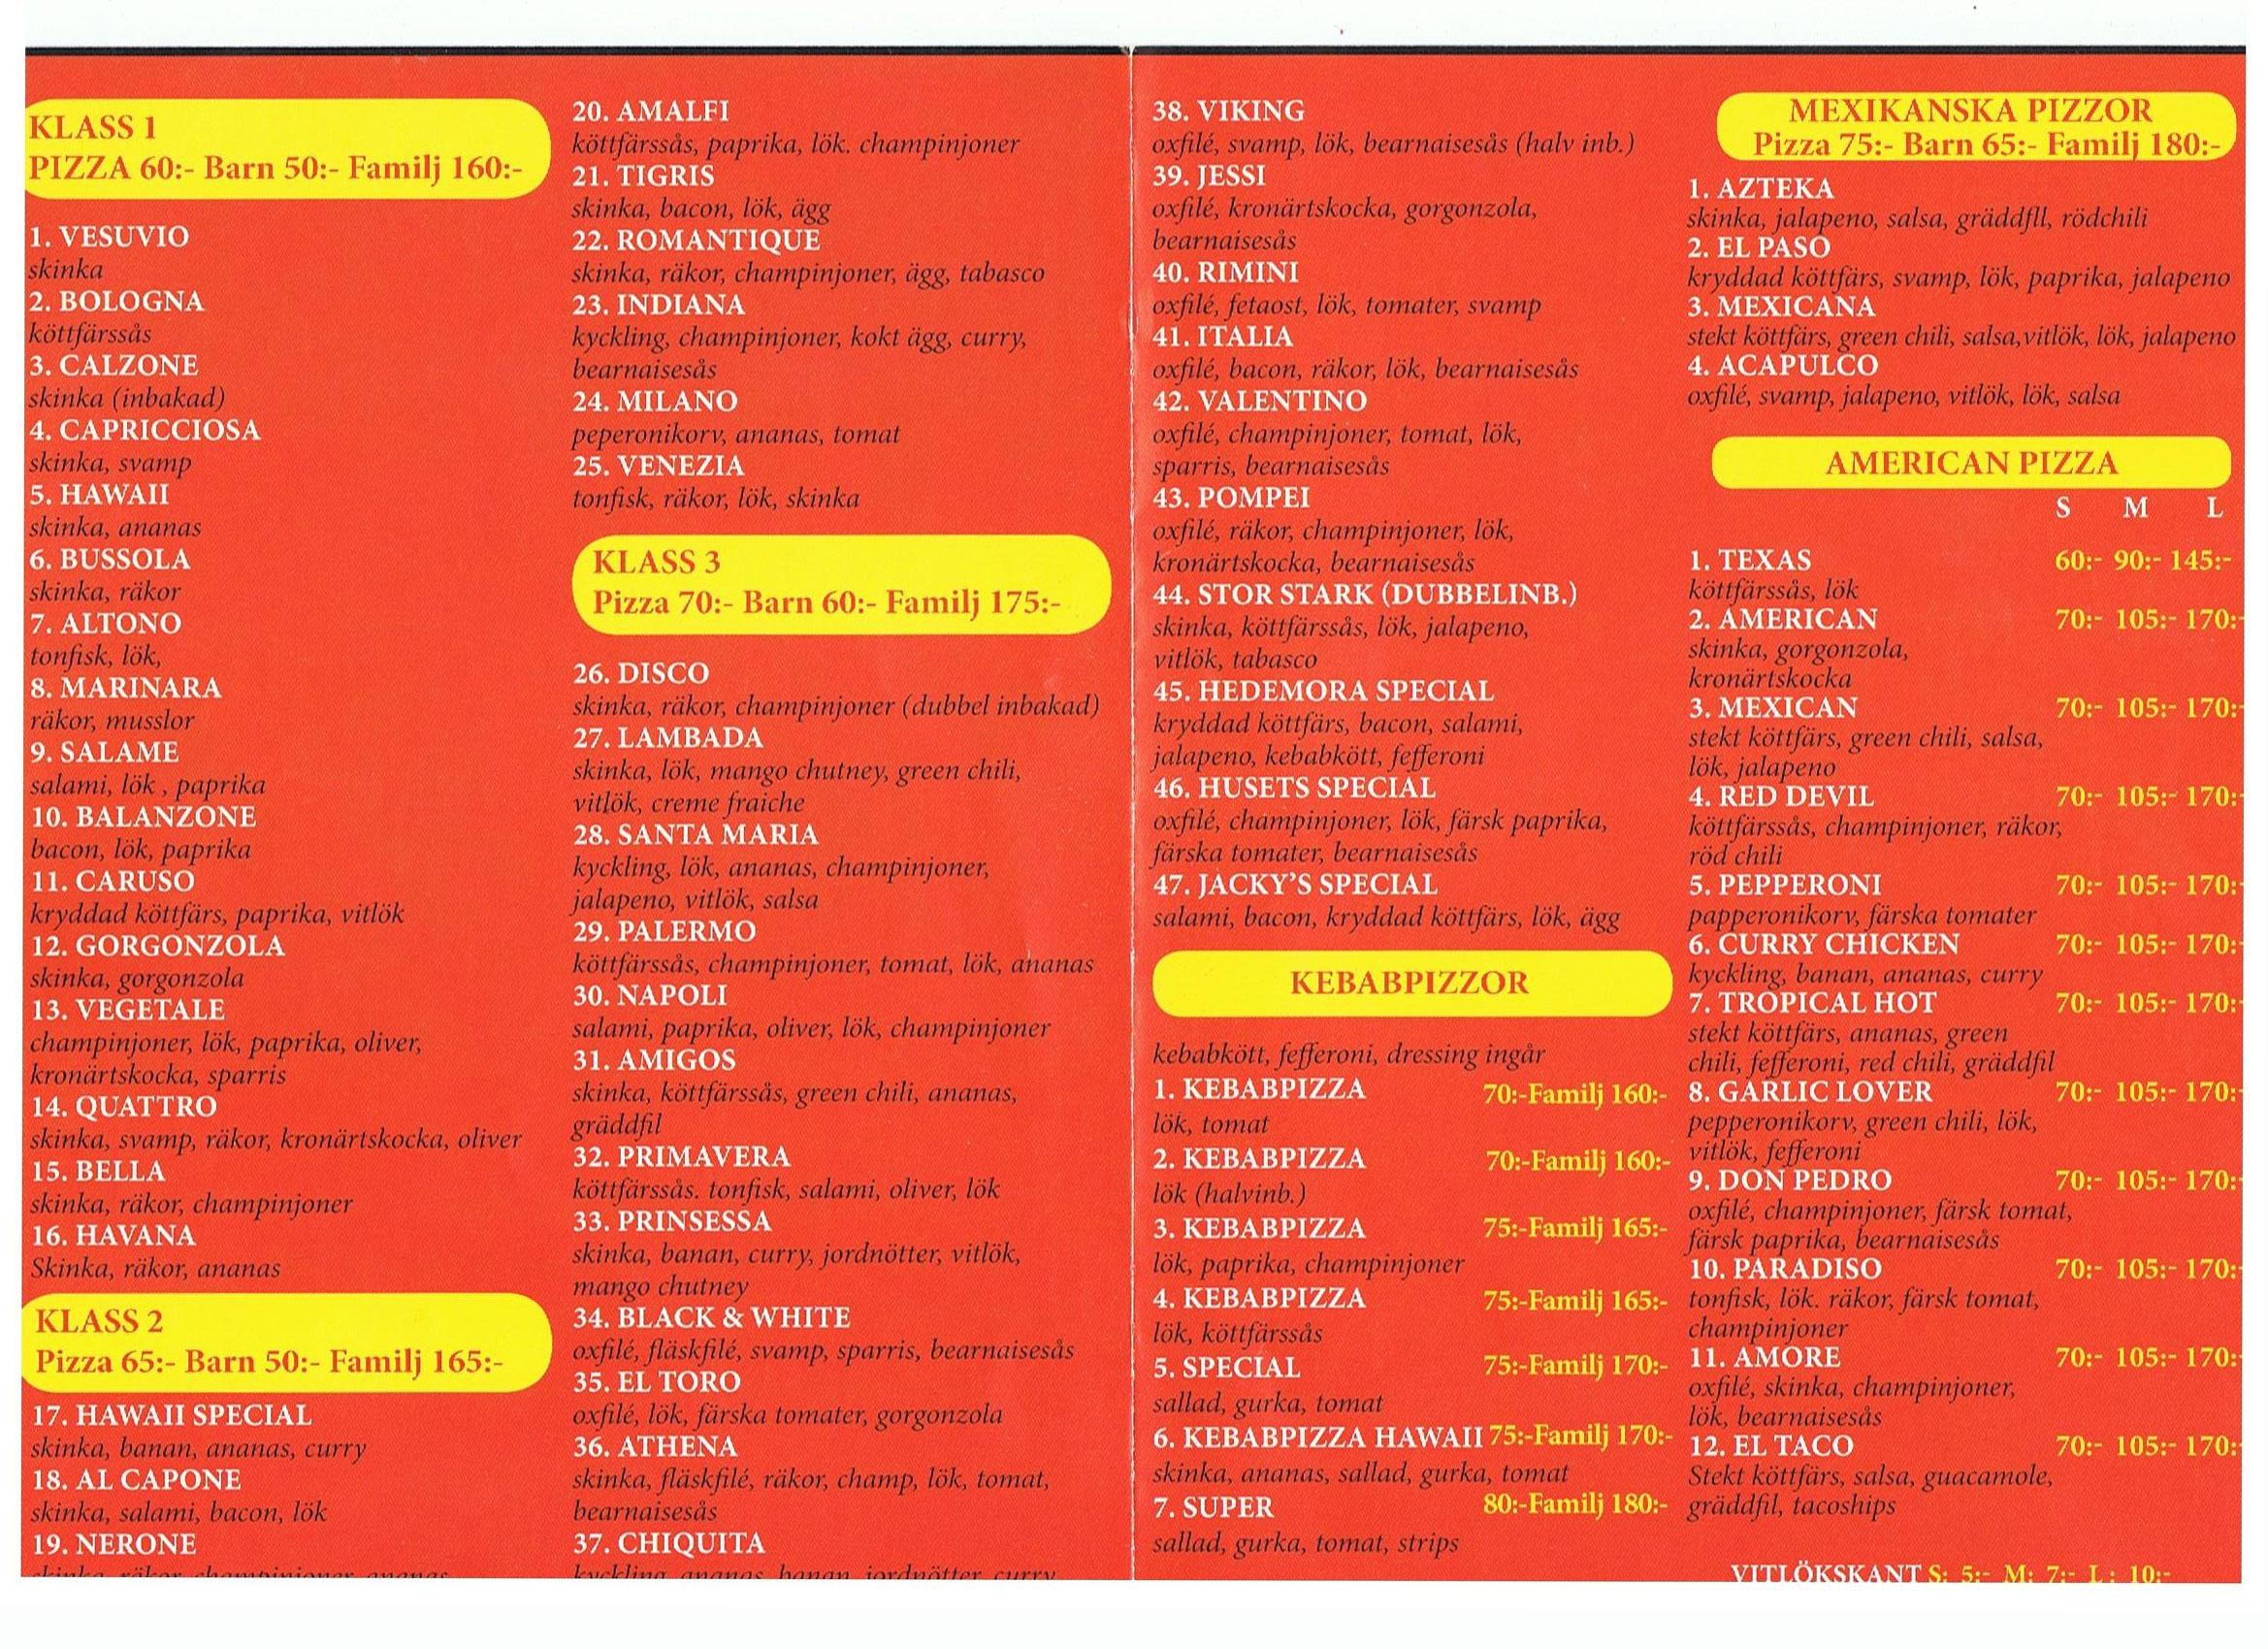 kebabhouse-hedemora2-001